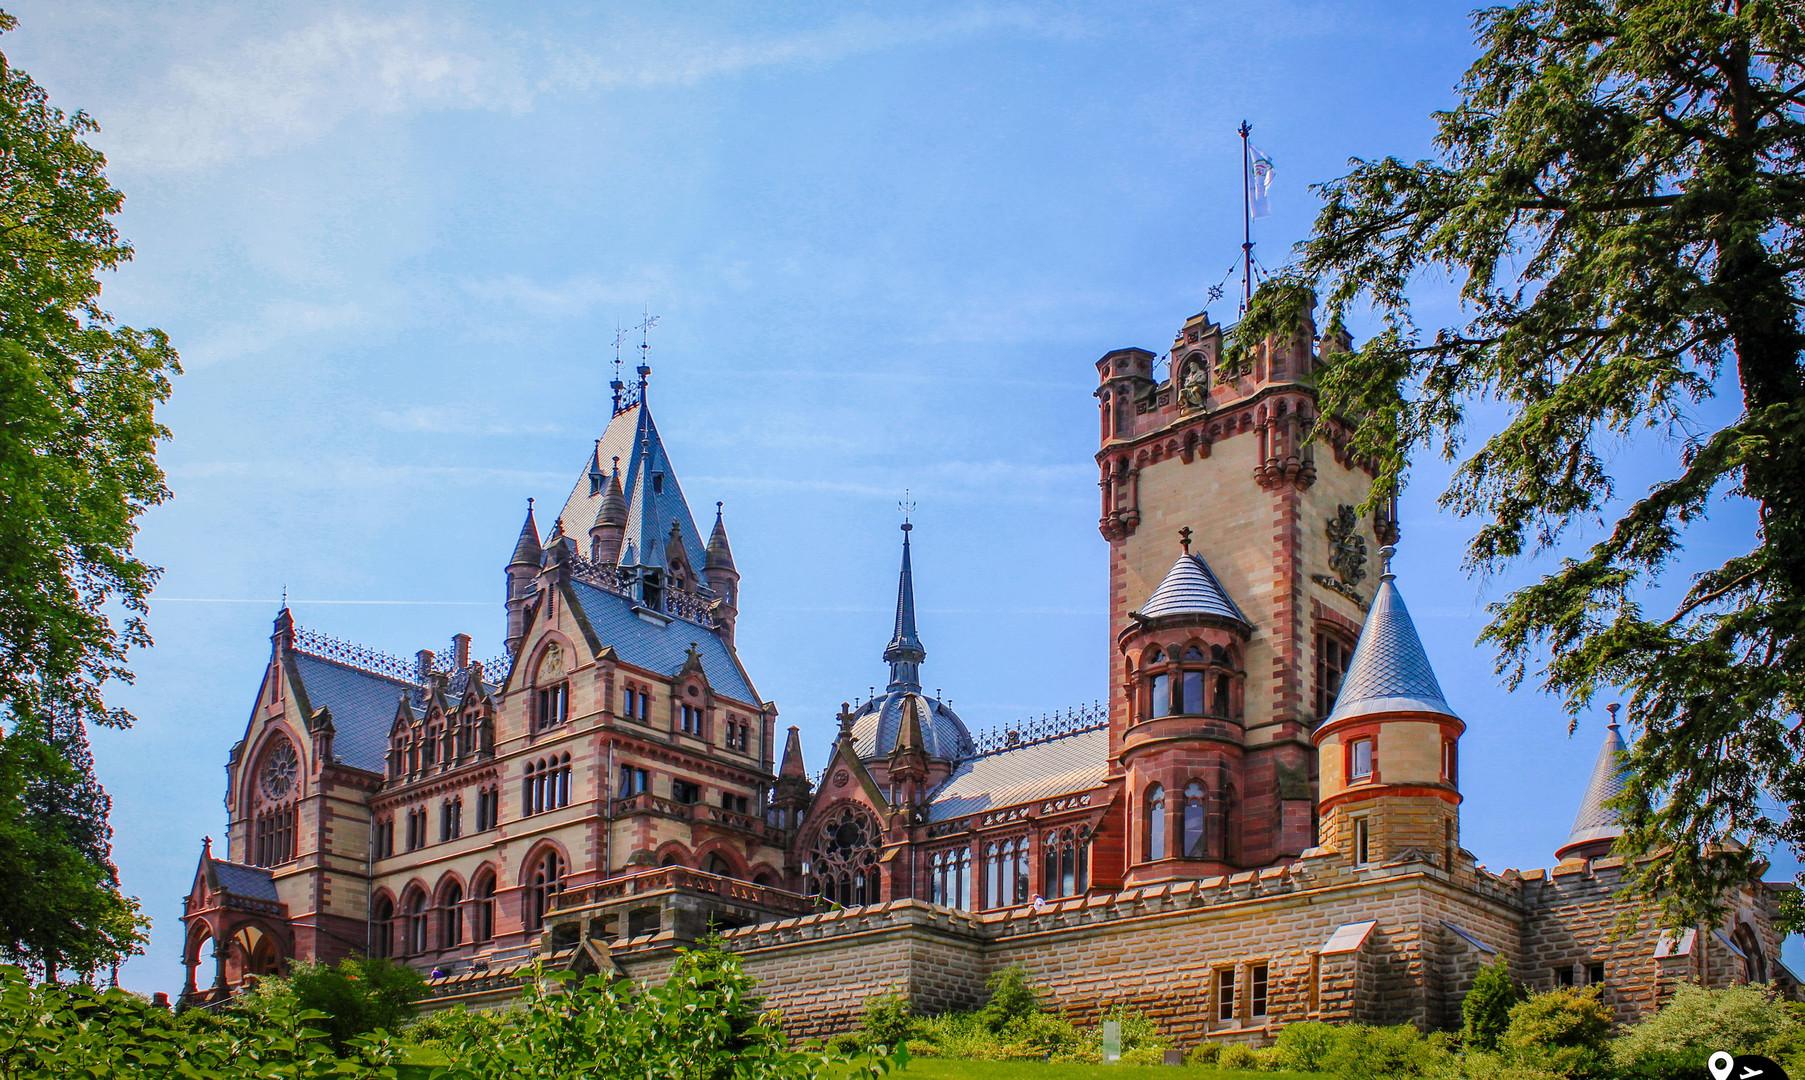 Замок Драхенбург, Бонн